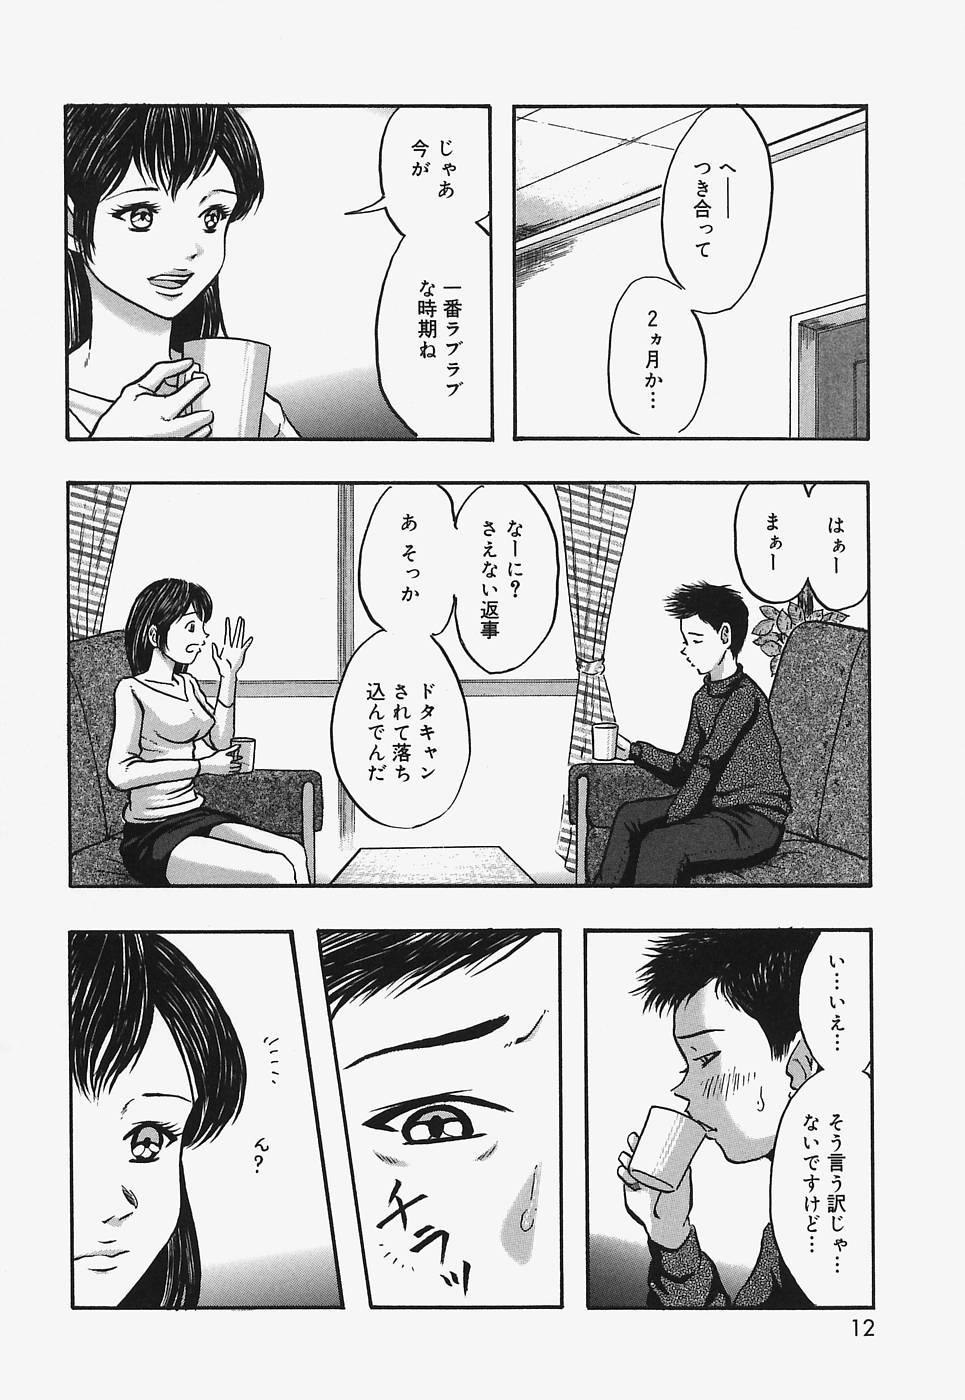 Nurunuru Syoujyo Jiru 11